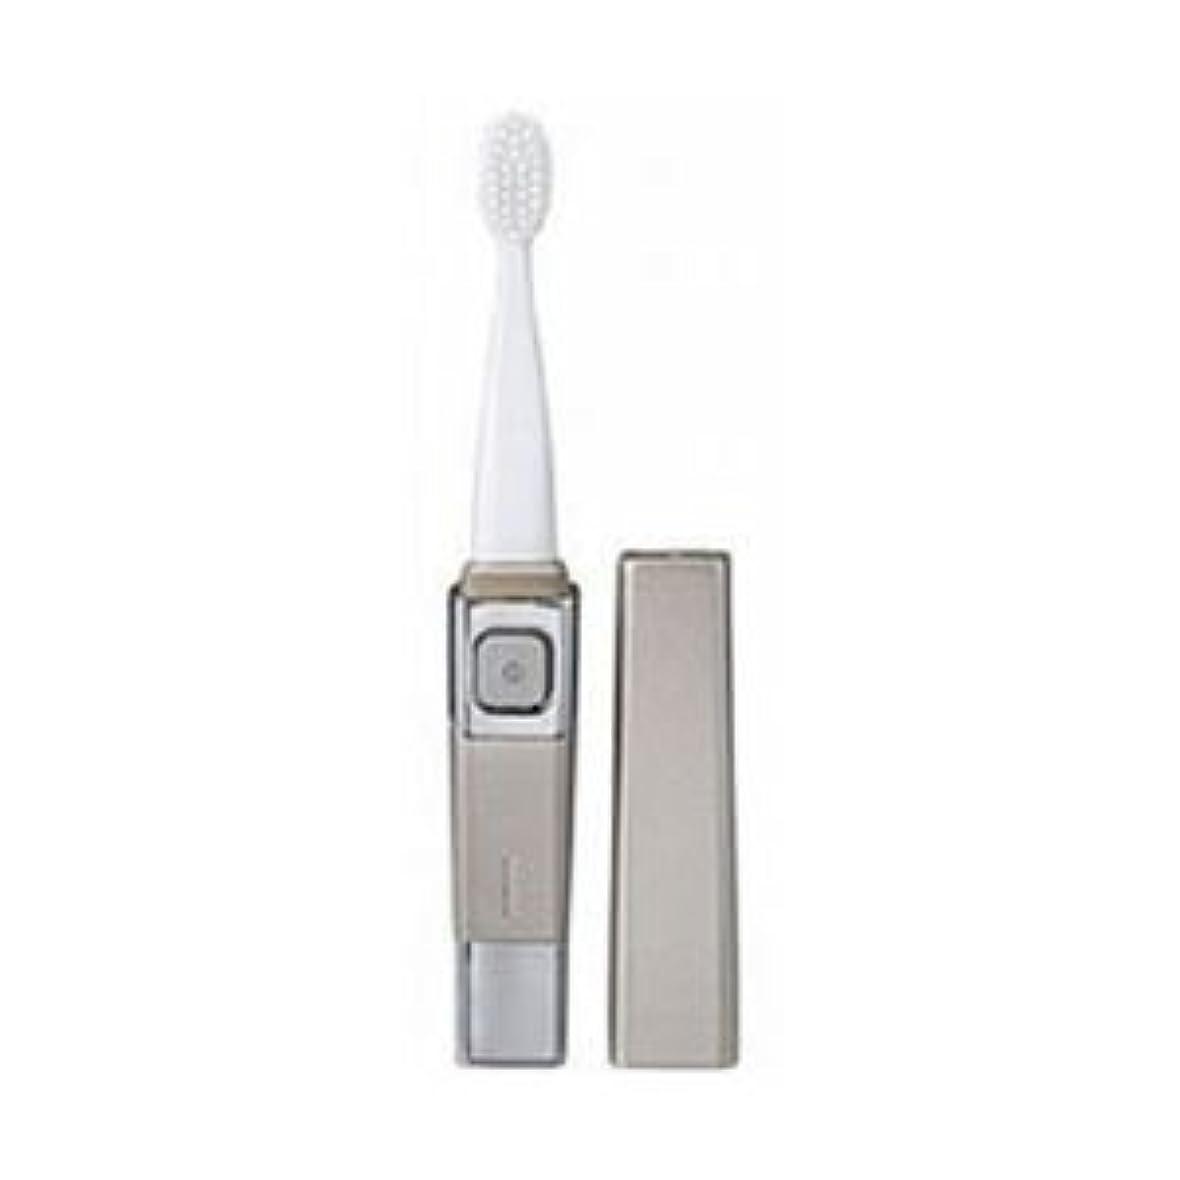 カウンタ理想的には変化する(まとめ)ツインバード 音波振動歯ブラシ シャンパンゴールド BD-2755G【×3セット】